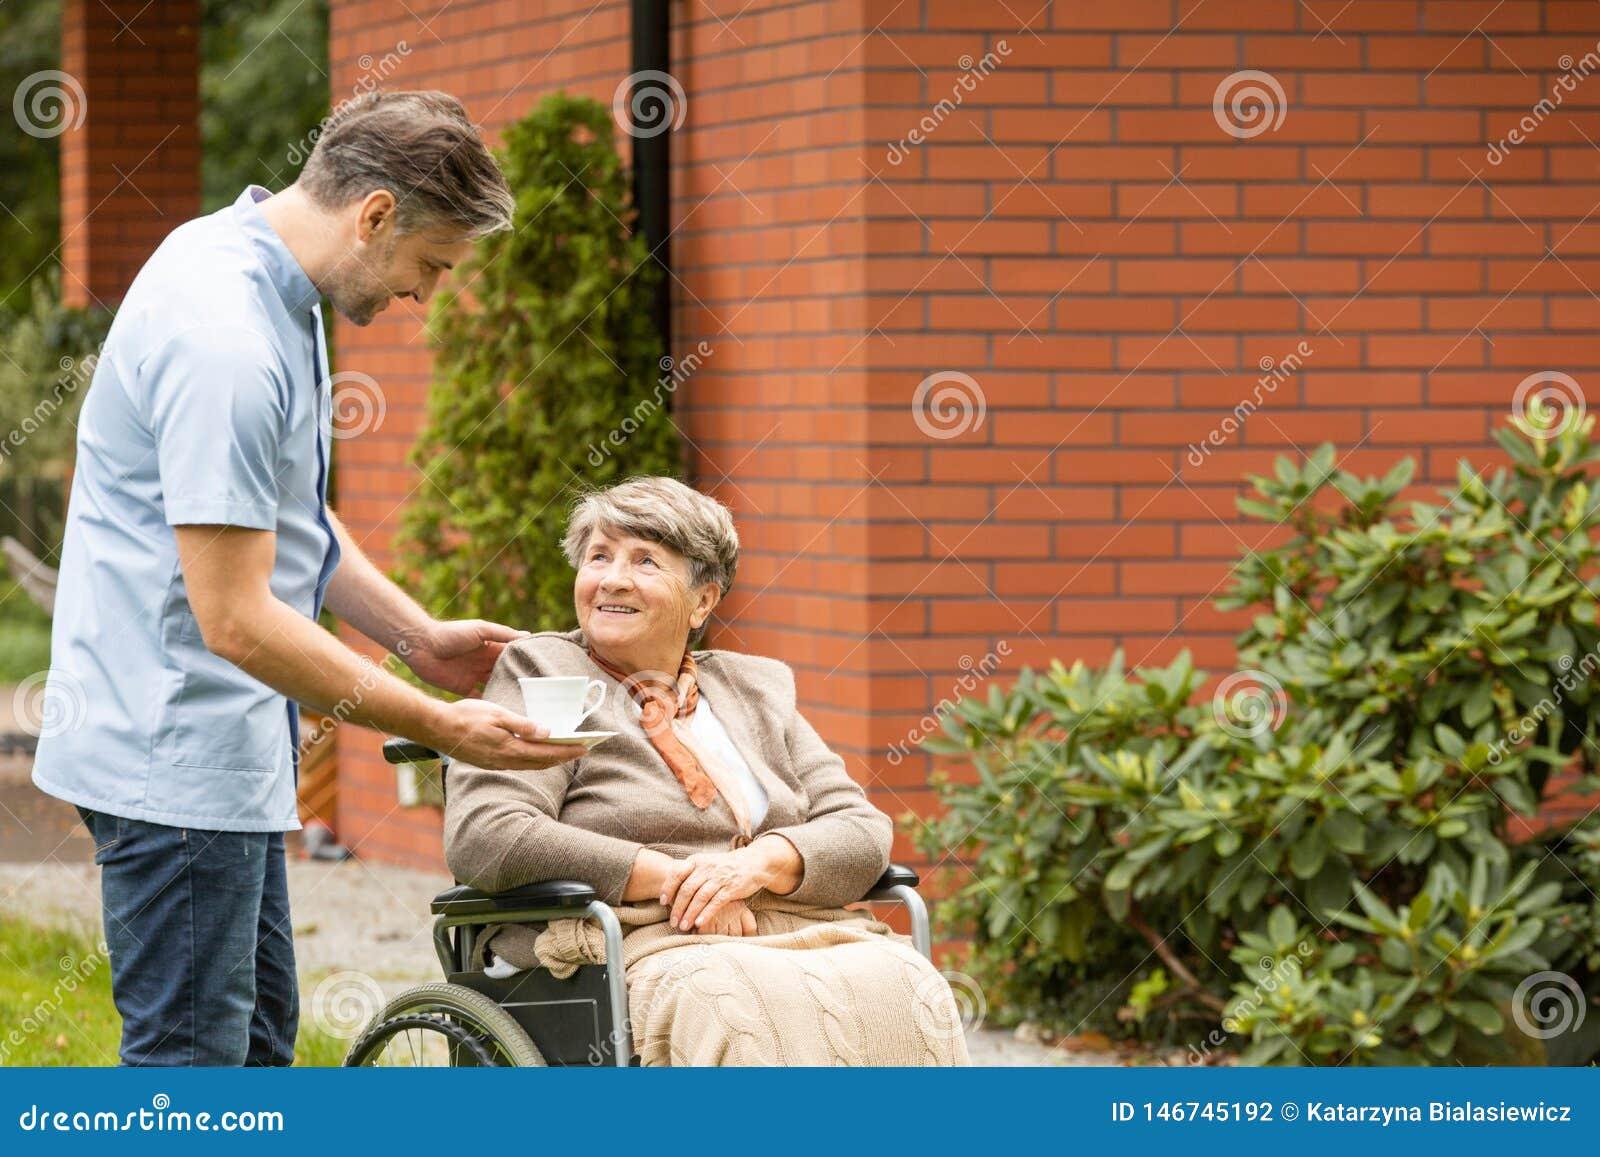 Dawać filiżance herbata uśmiechać się niepełnosprawnej starszej kobiety w wózku inwalidzkim